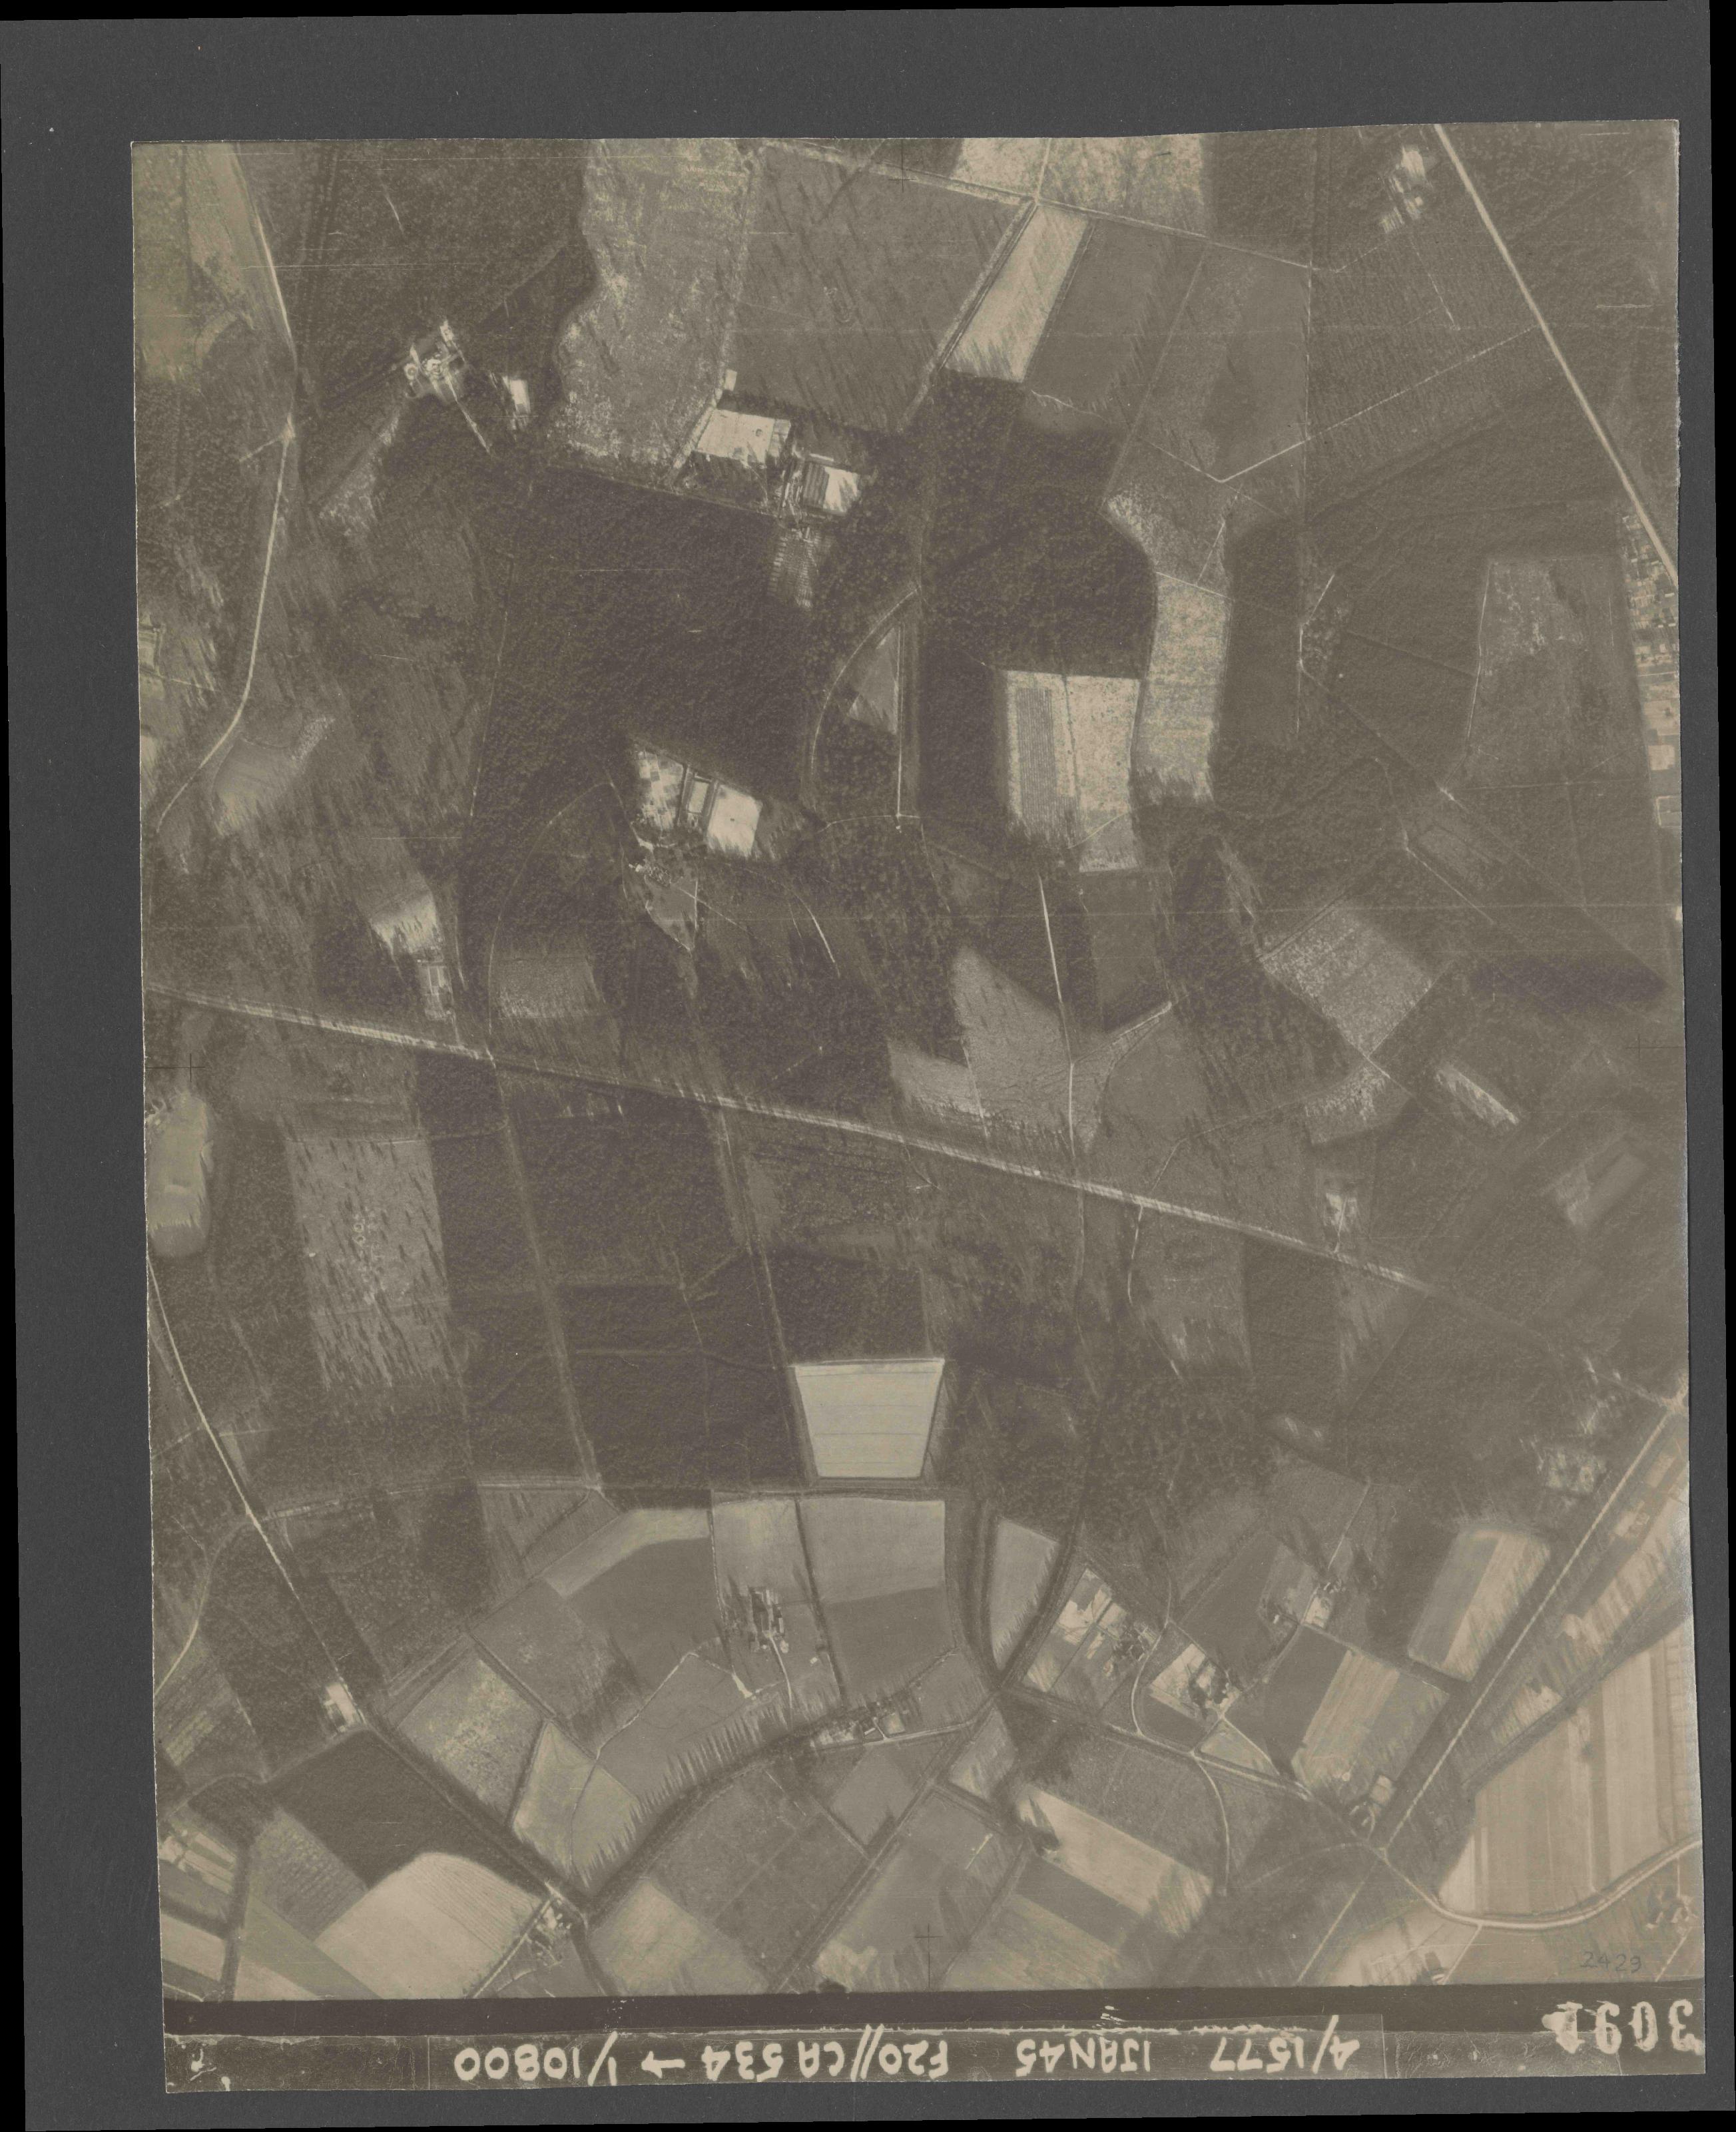 Collection RAF aerial photos 1940-1945 - flight 105, run 09, photo 3091